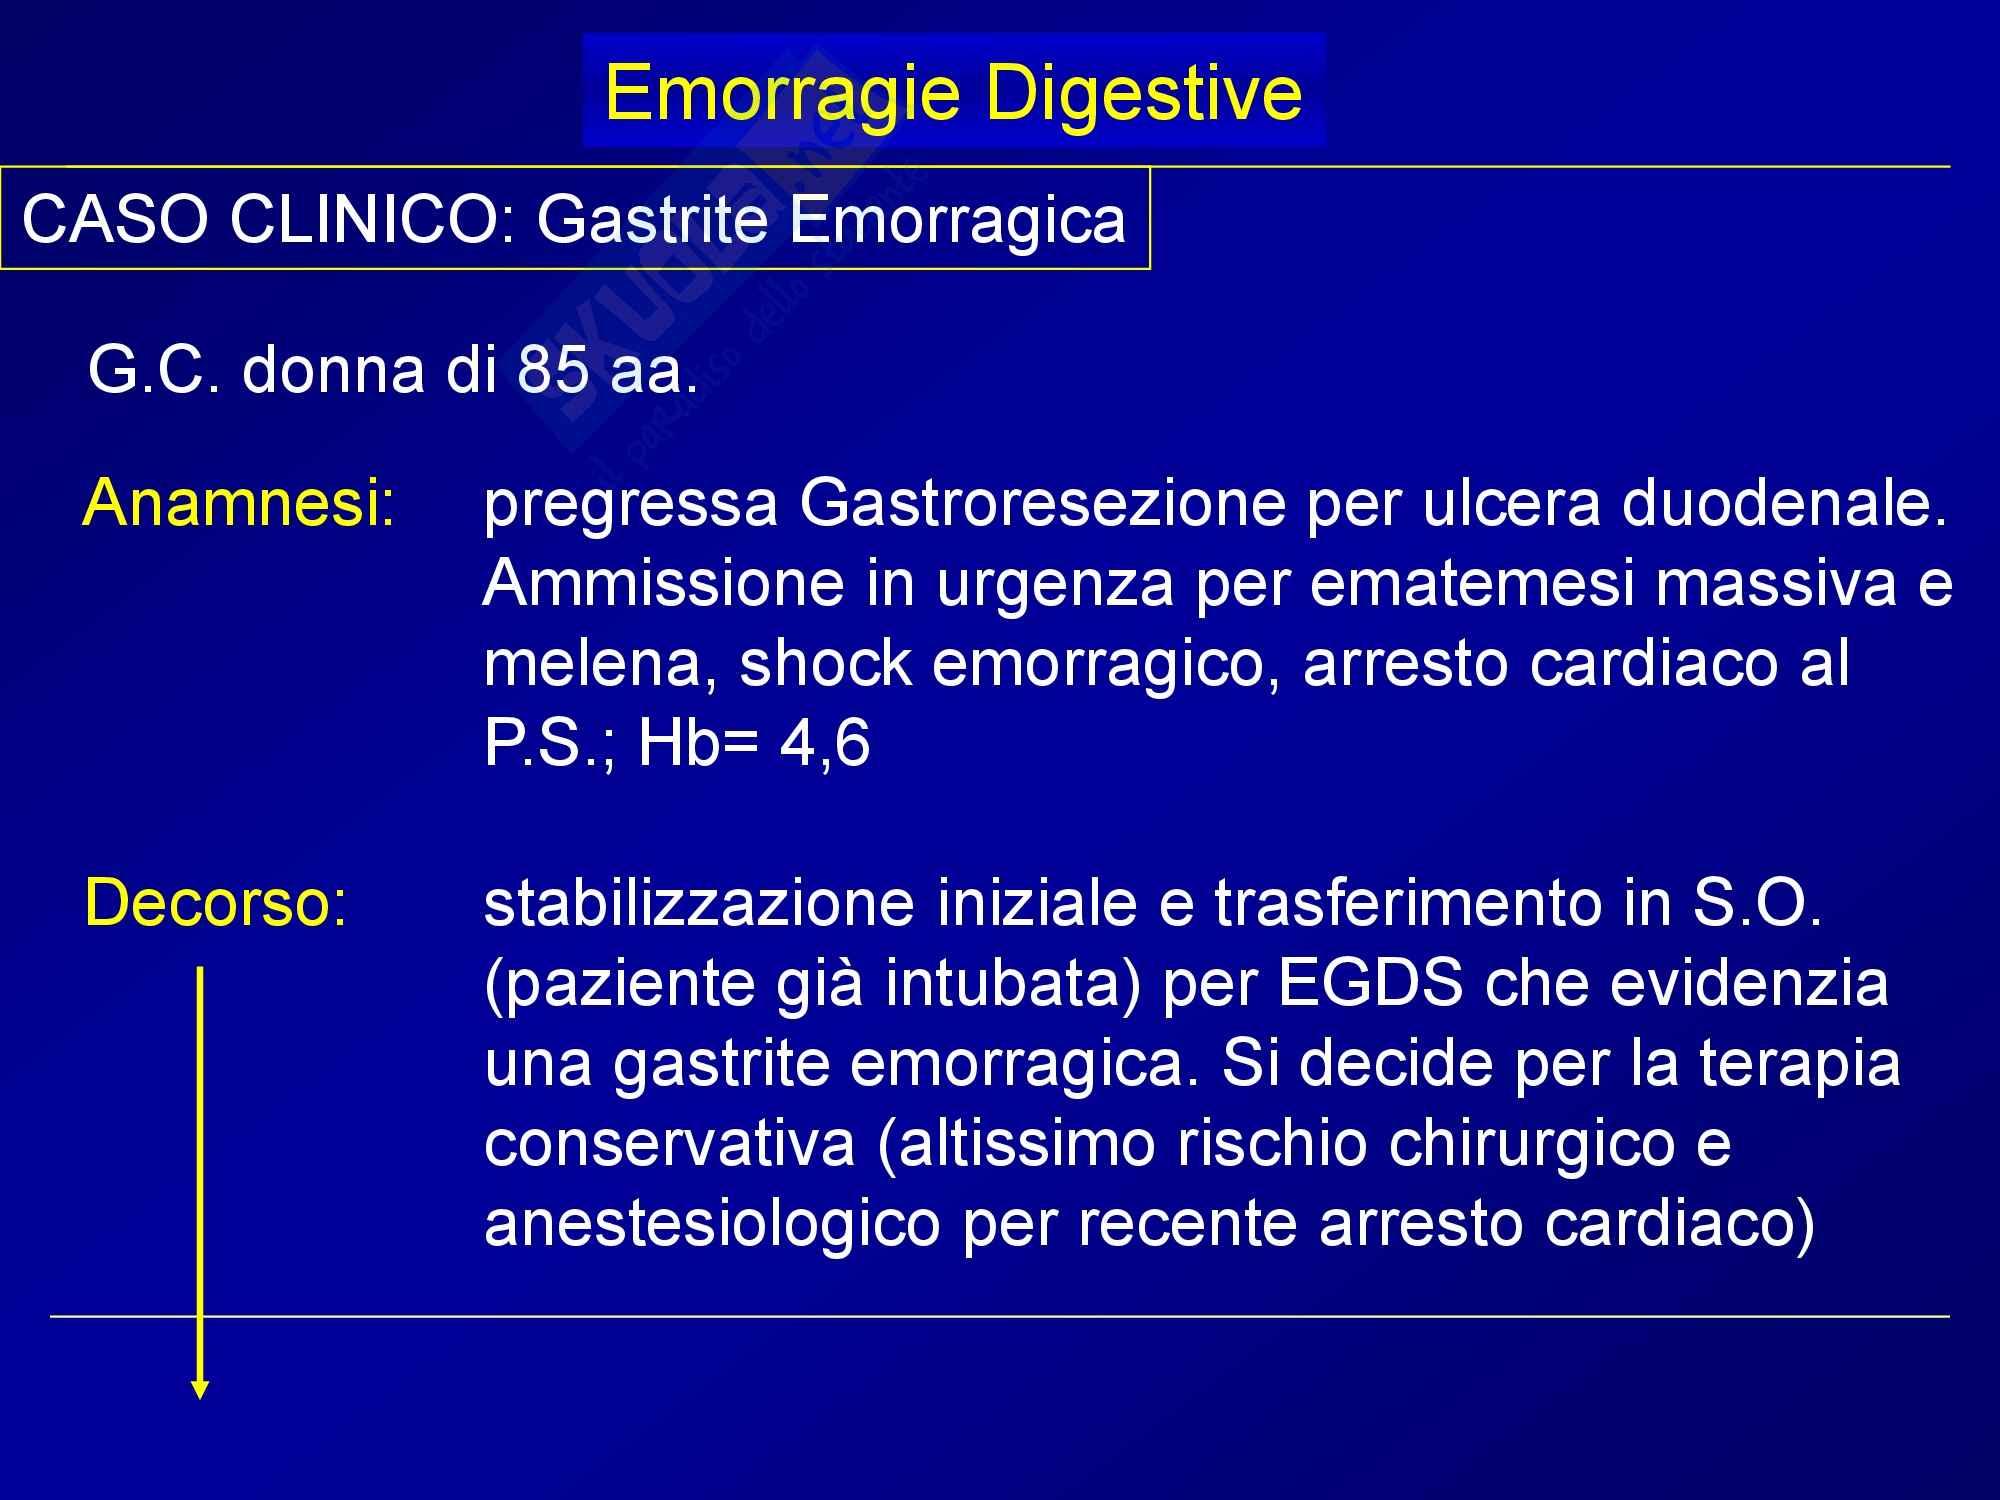 Chirurgia generale - emorragie digestive Pag. 46